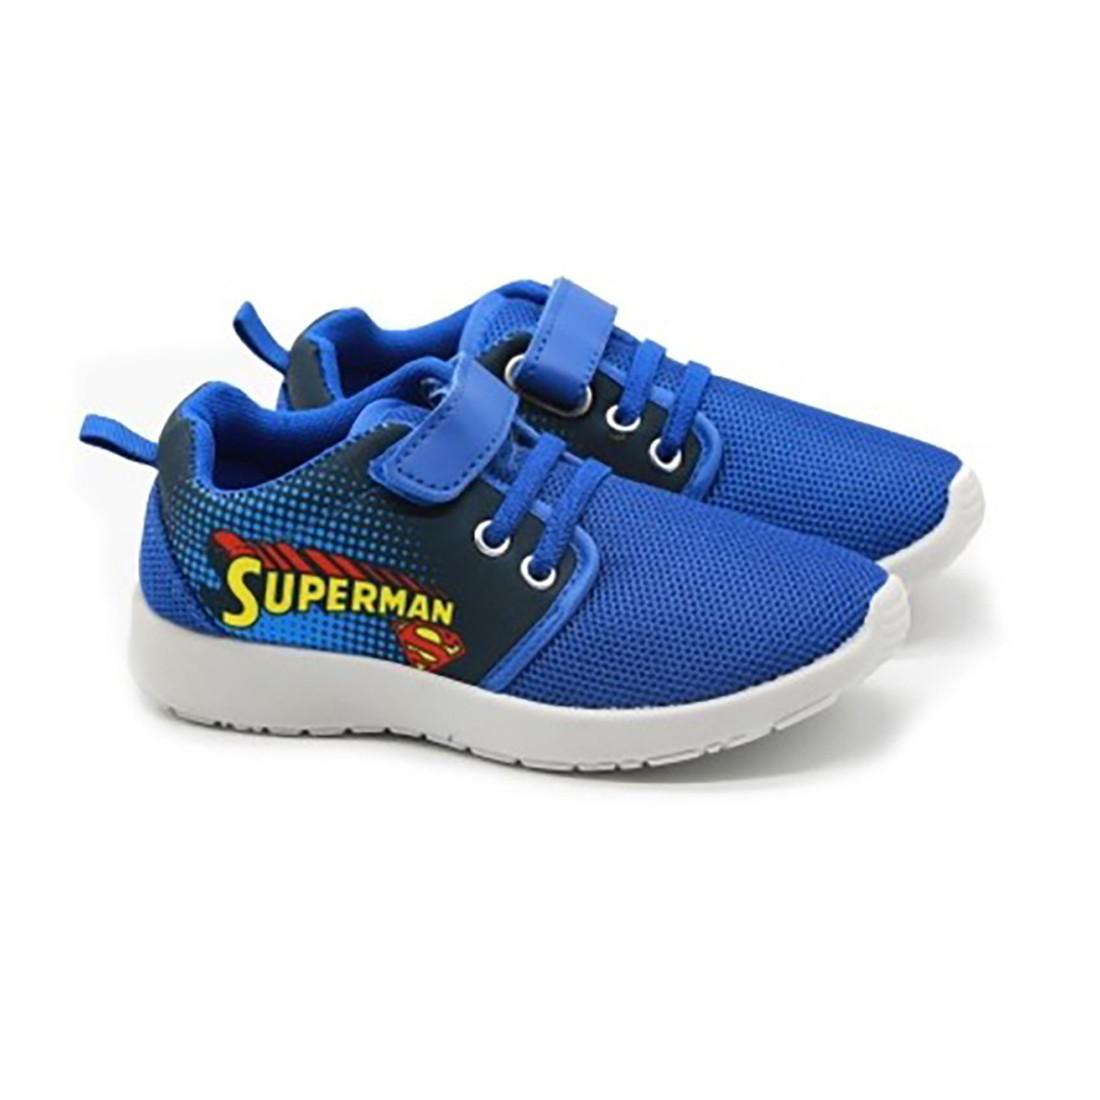 Buty dziecięce chłopięce Superman 27 29 30 31 32 33